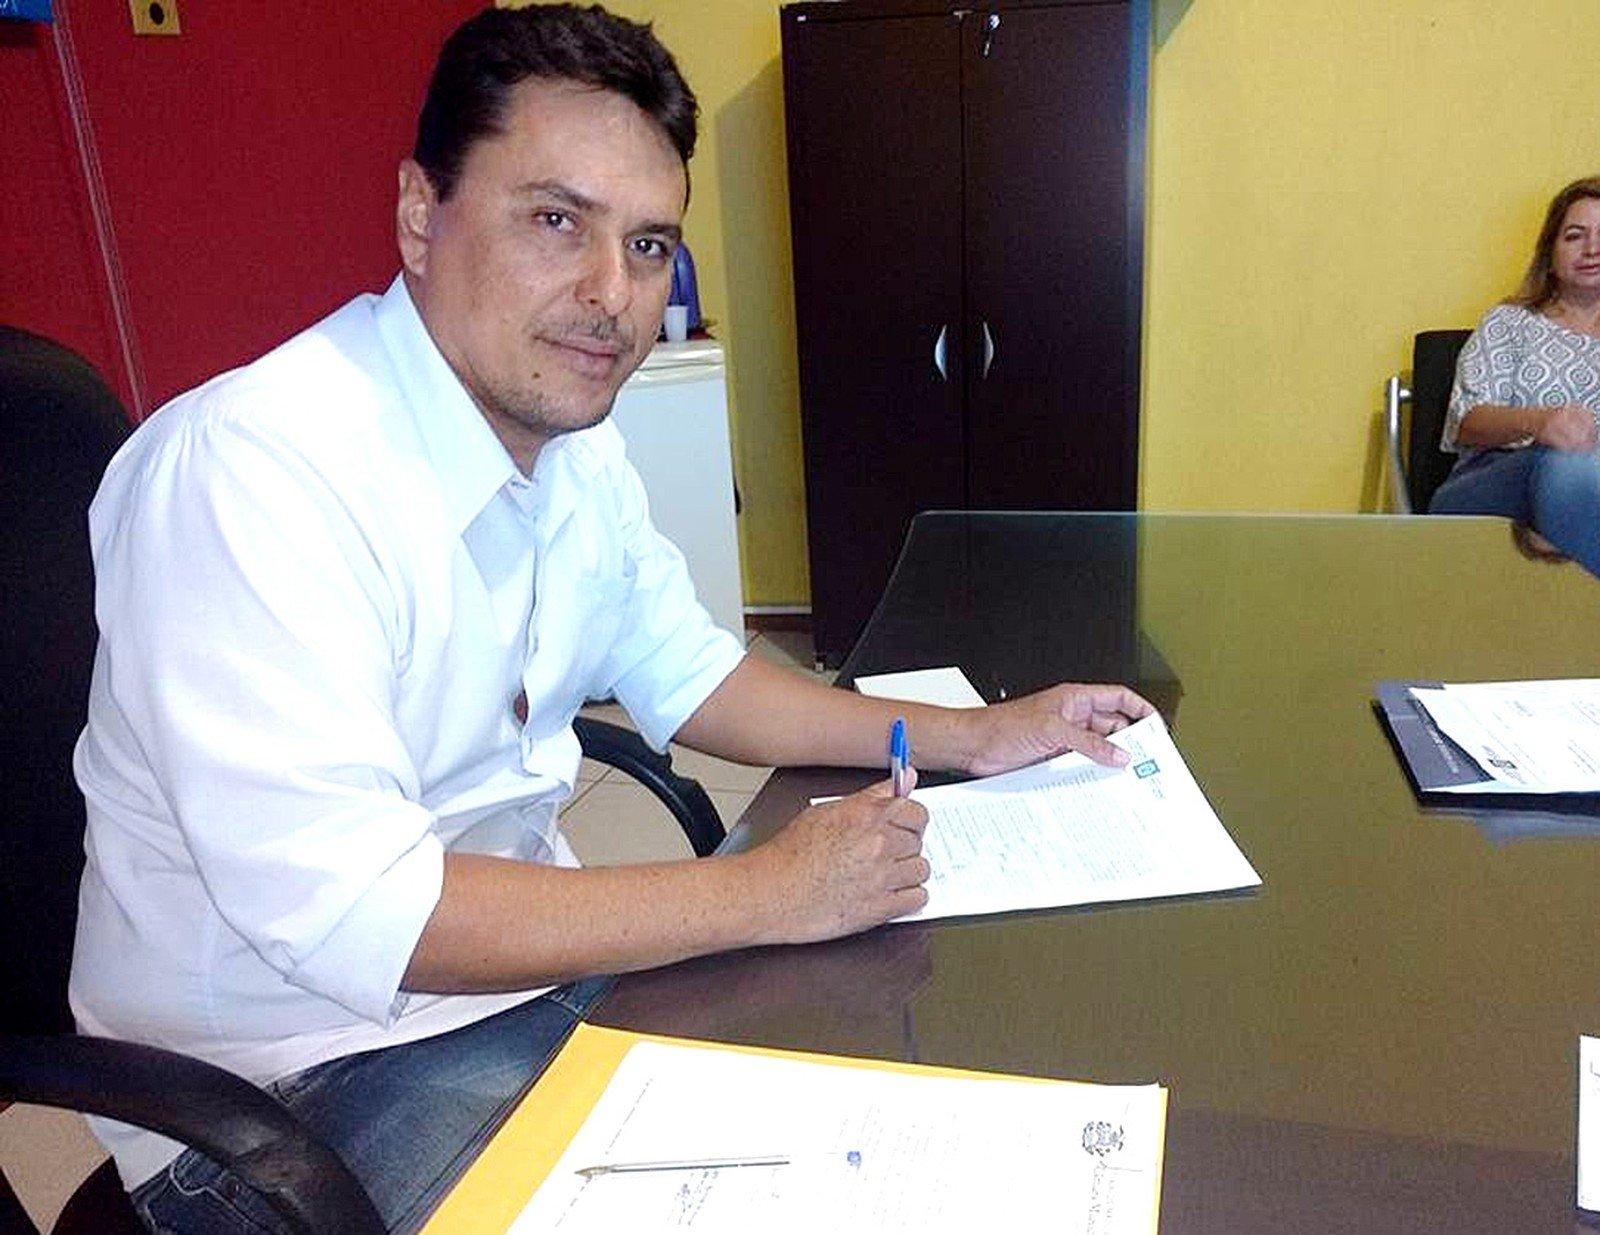 Prefeitura de Acorizal (MT) decreta recesso de quase 50 dias alegando crise financeira